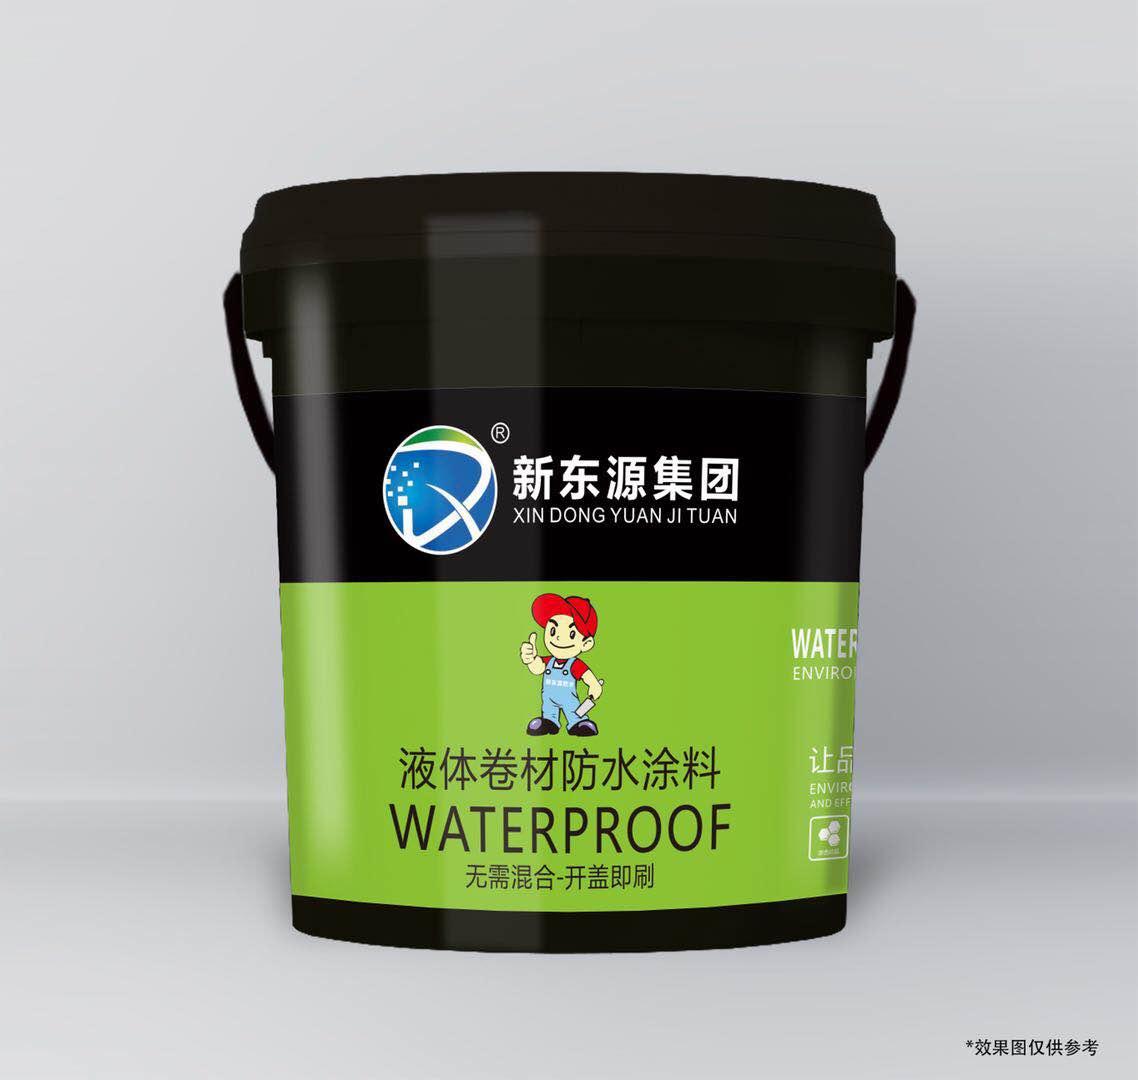 宜昌液体防水卷材涂料-高性价液体防水卷材涂料新东源防水材料供应